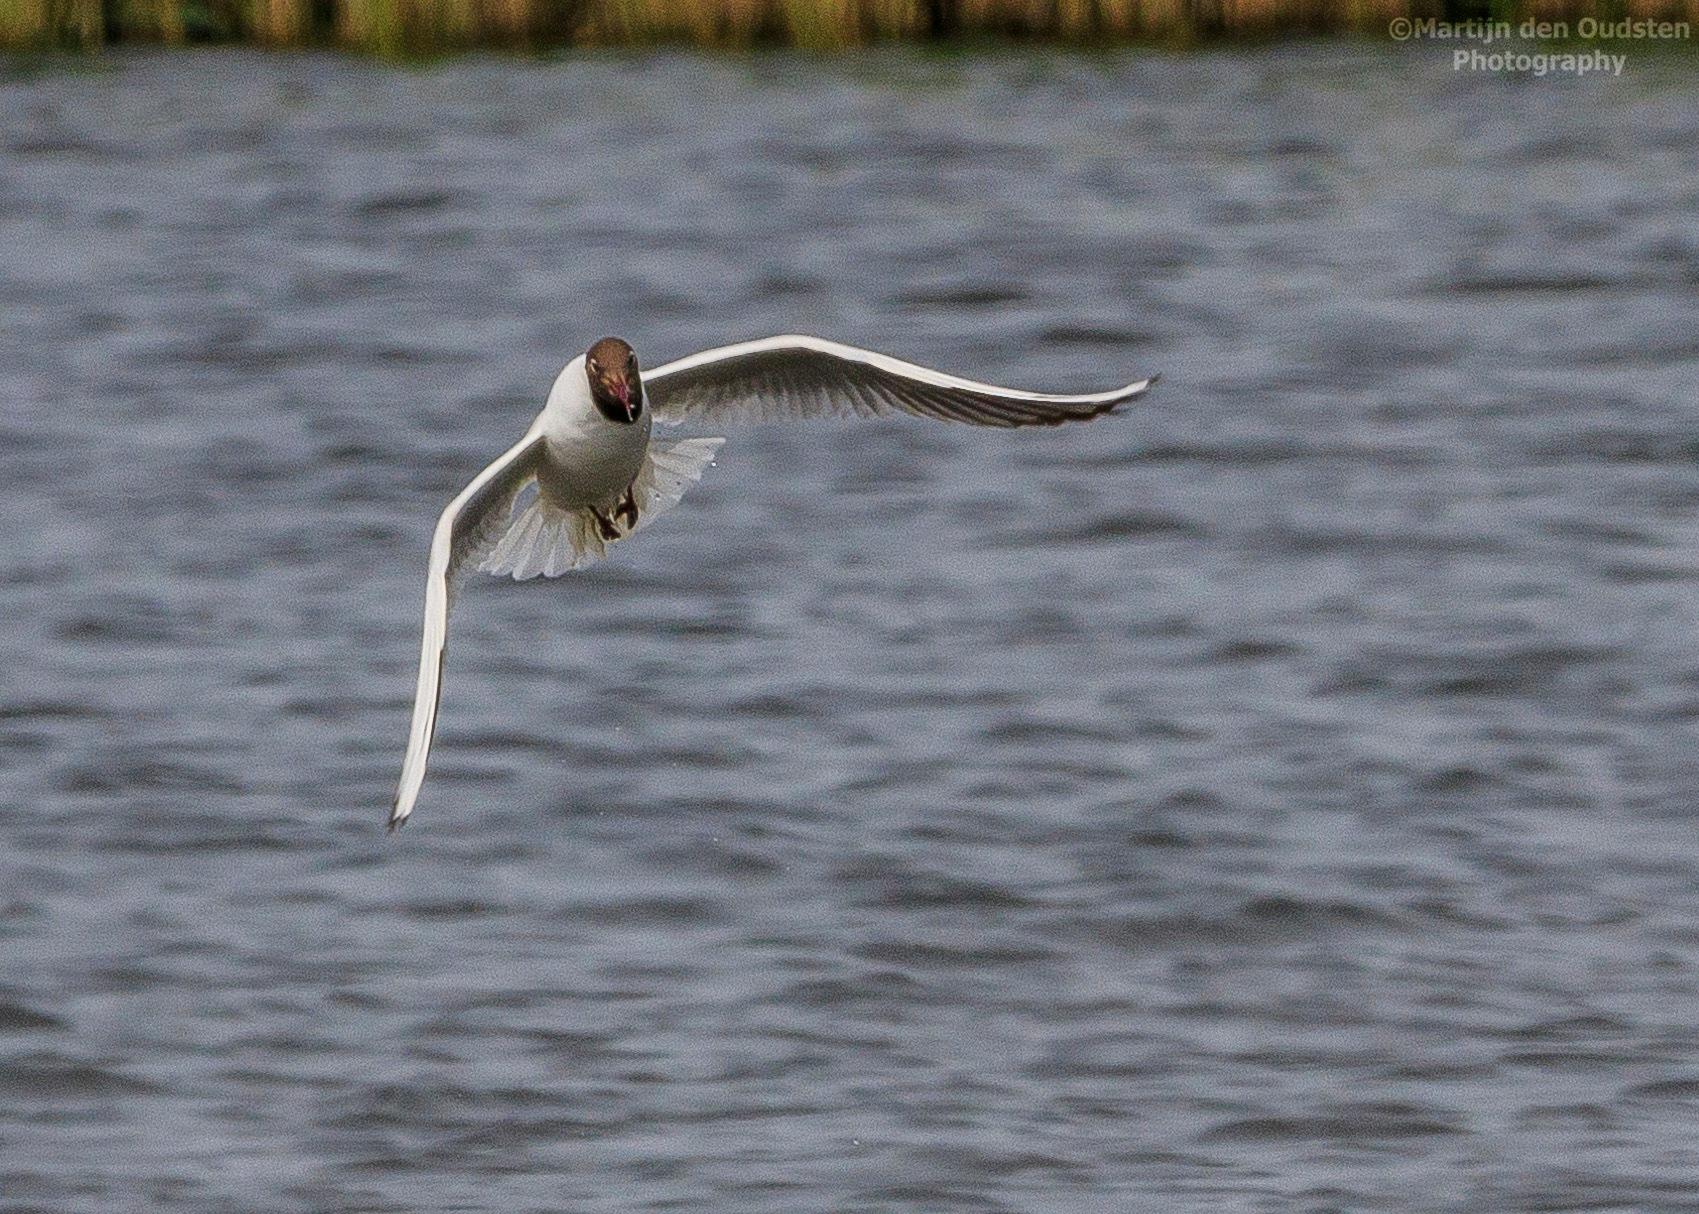 Gull by Martijn Den Oudsten